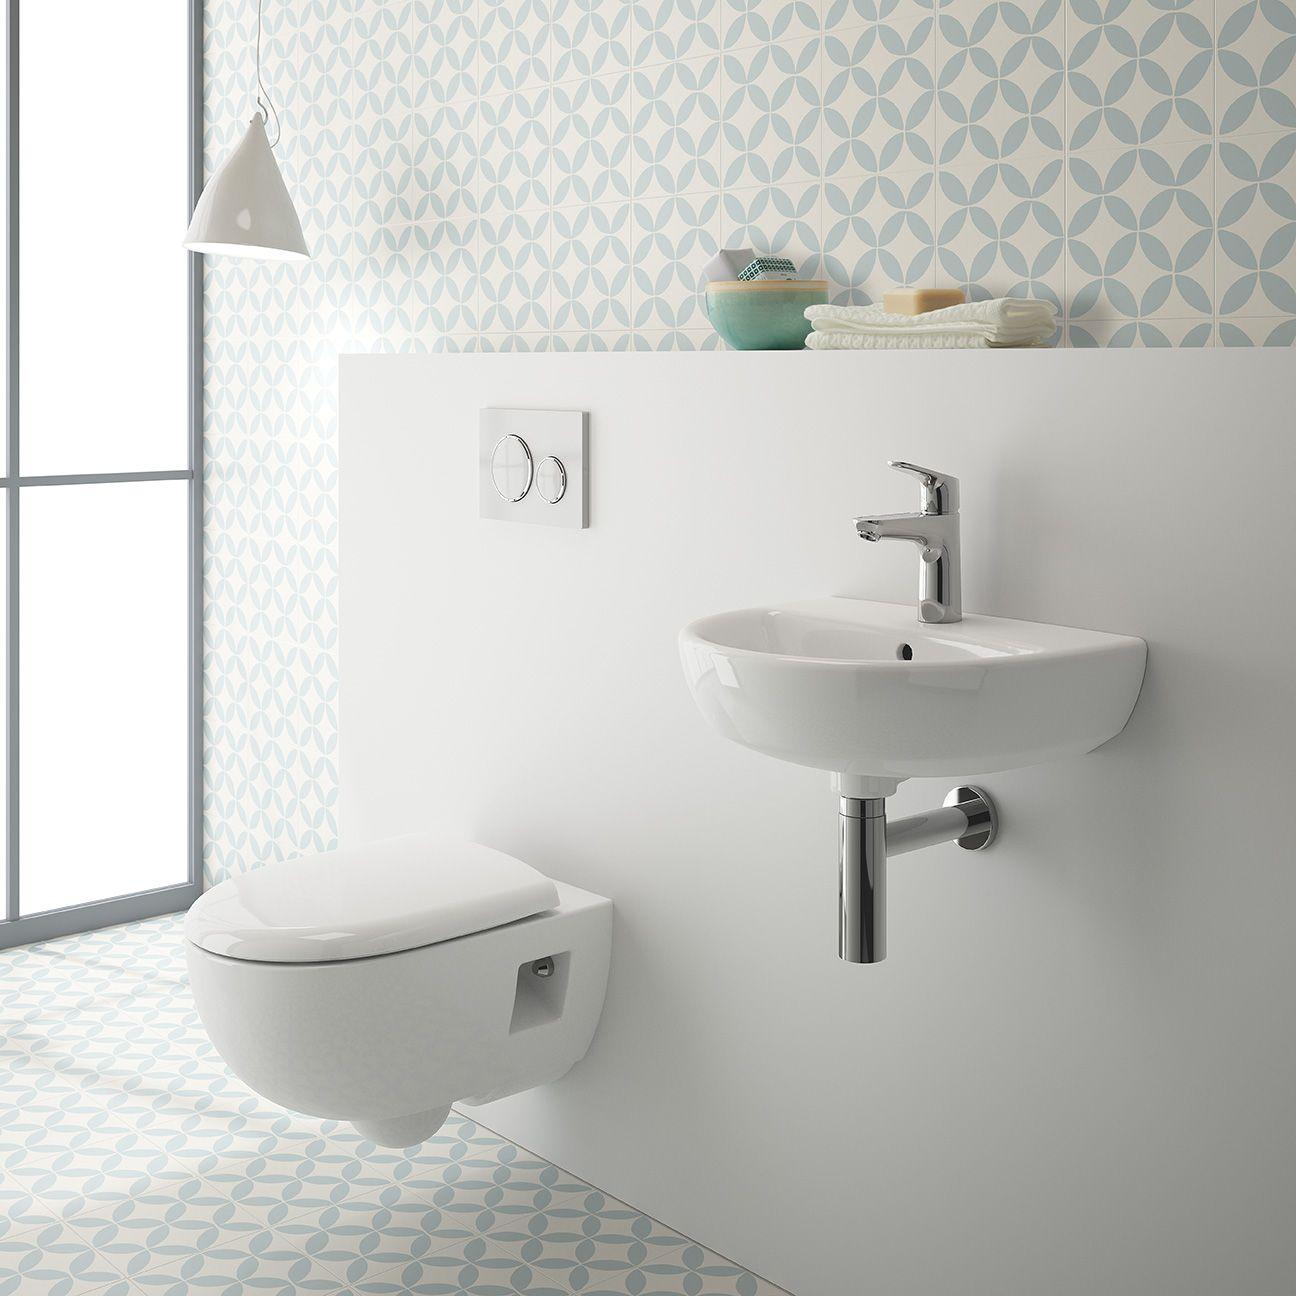 Epingle Par Geberit France Sur Wc Coins Toilettes Wc Suspendu Idee Deco Salle De Bain Moderne Coin Toilette